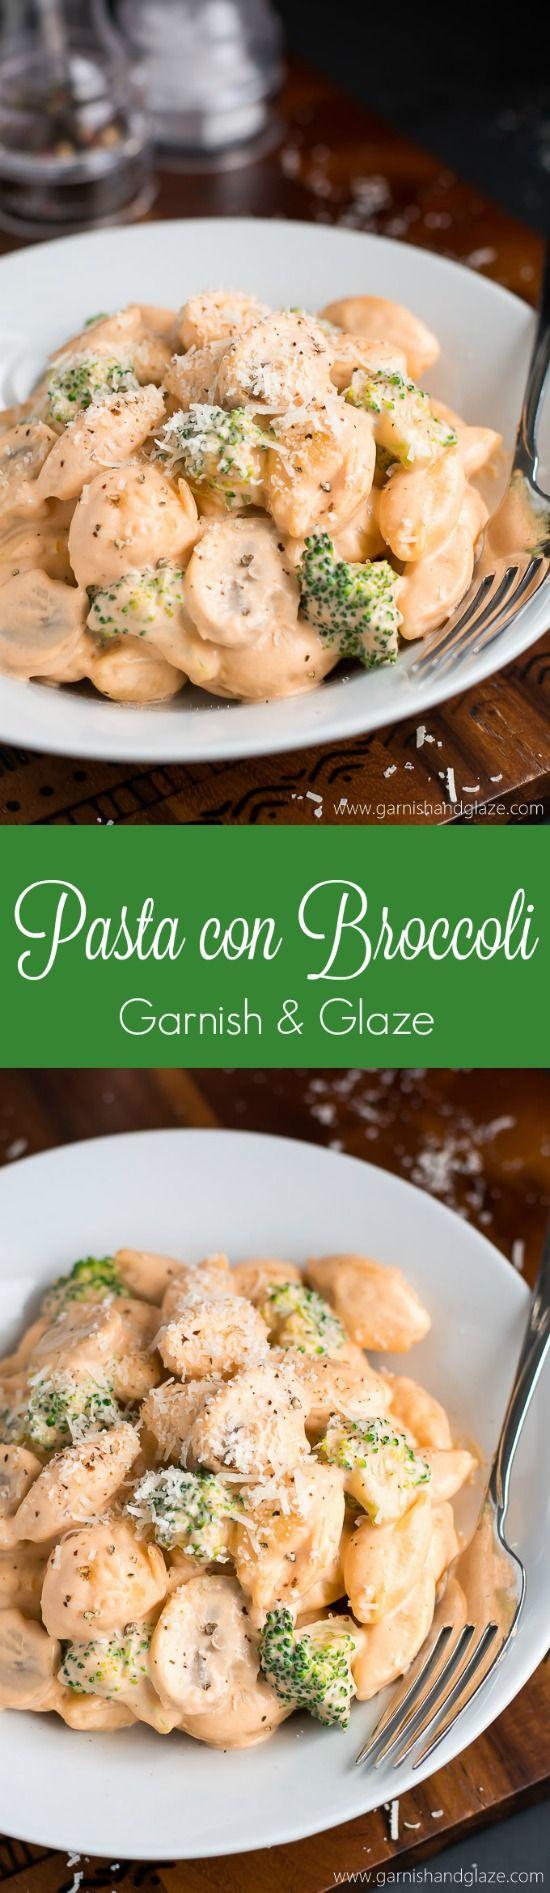 Cunetto s pasta con broccoli recipe